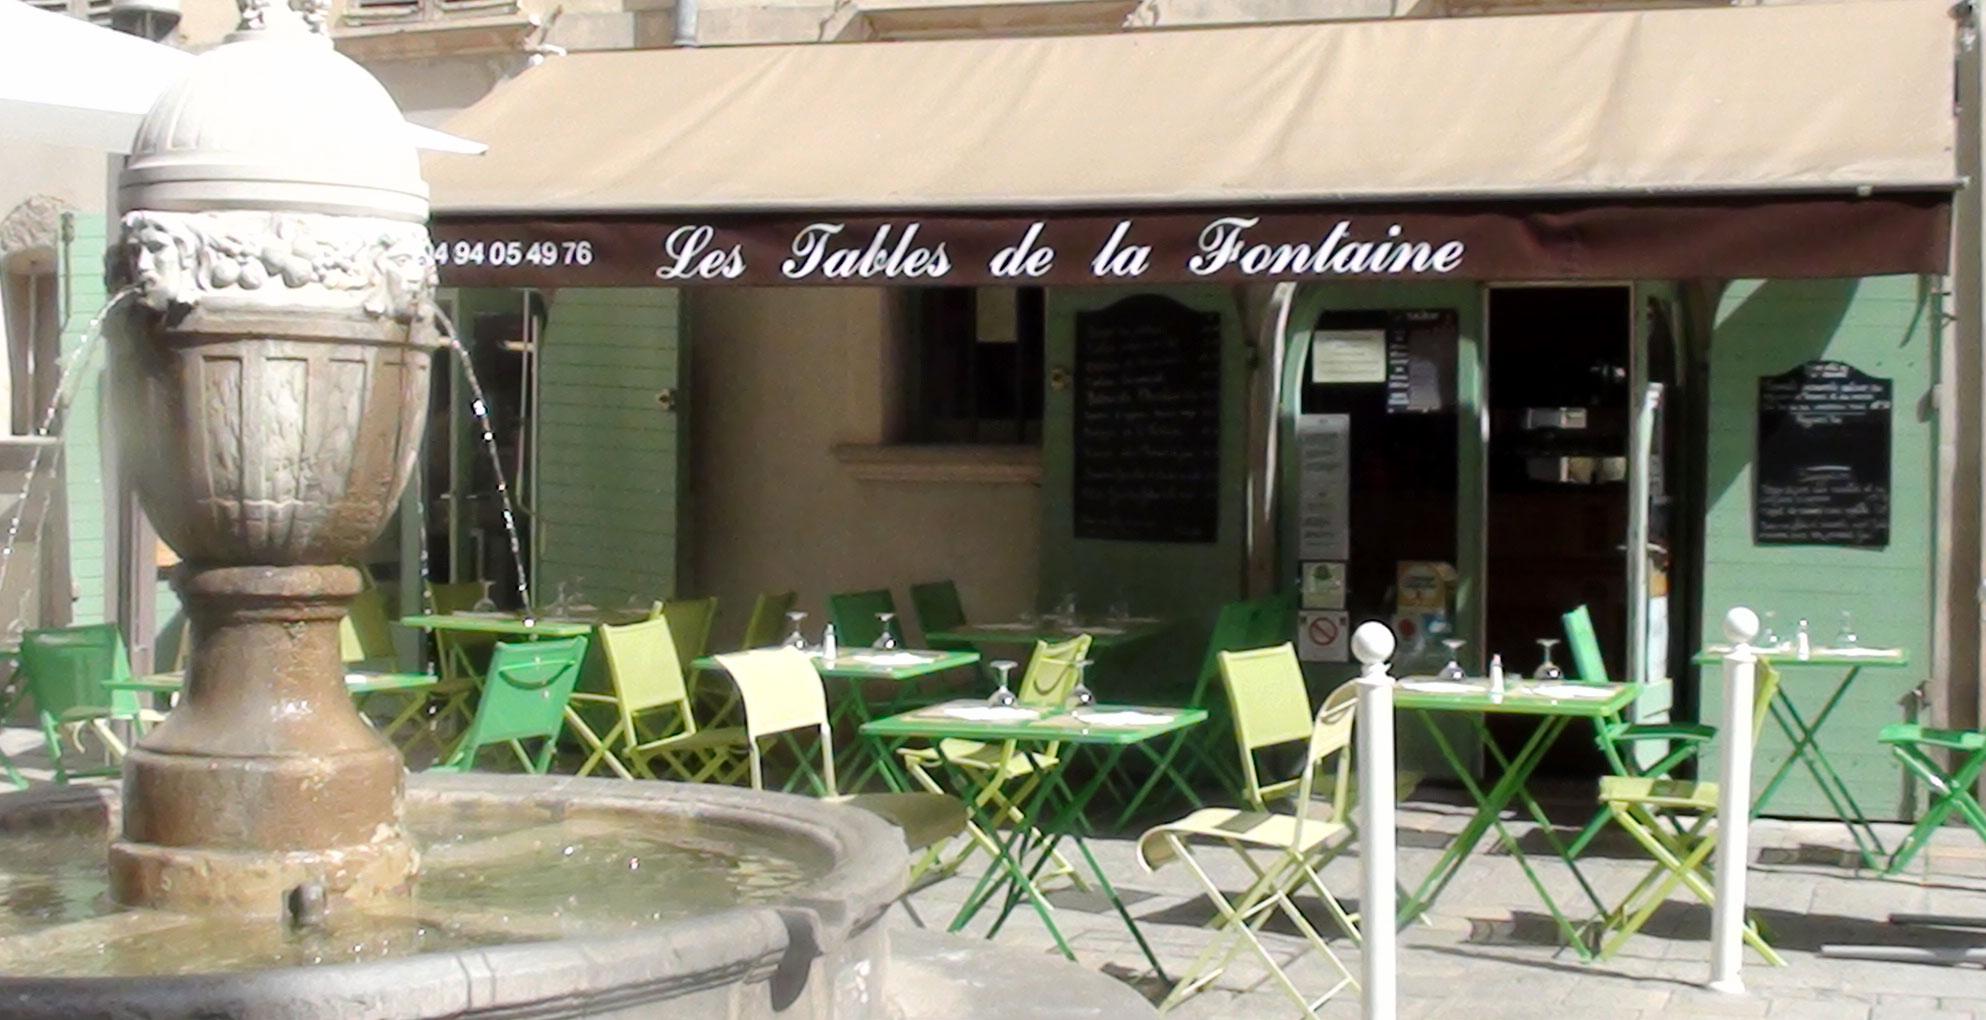 Les tables de la fontaine toulon tourist office - La fontaine family office ...